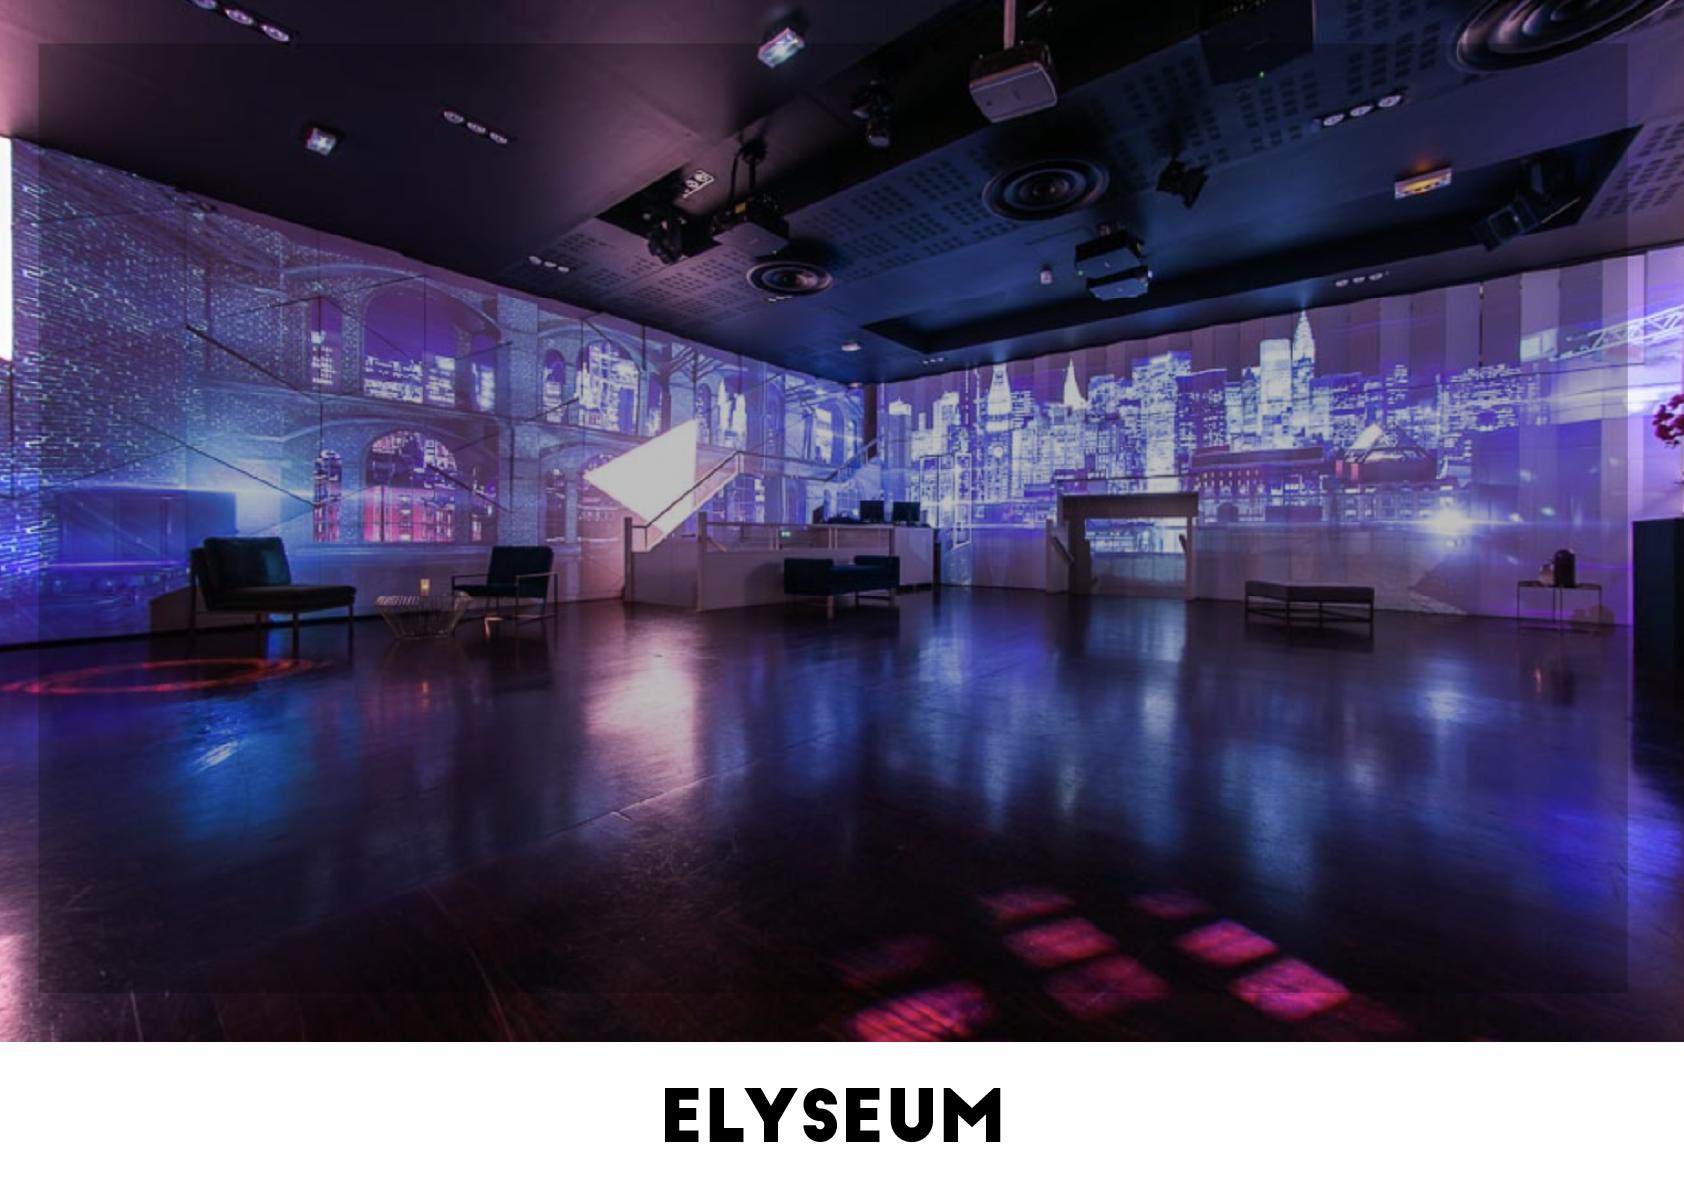 Lieu événementiel - Elyseum